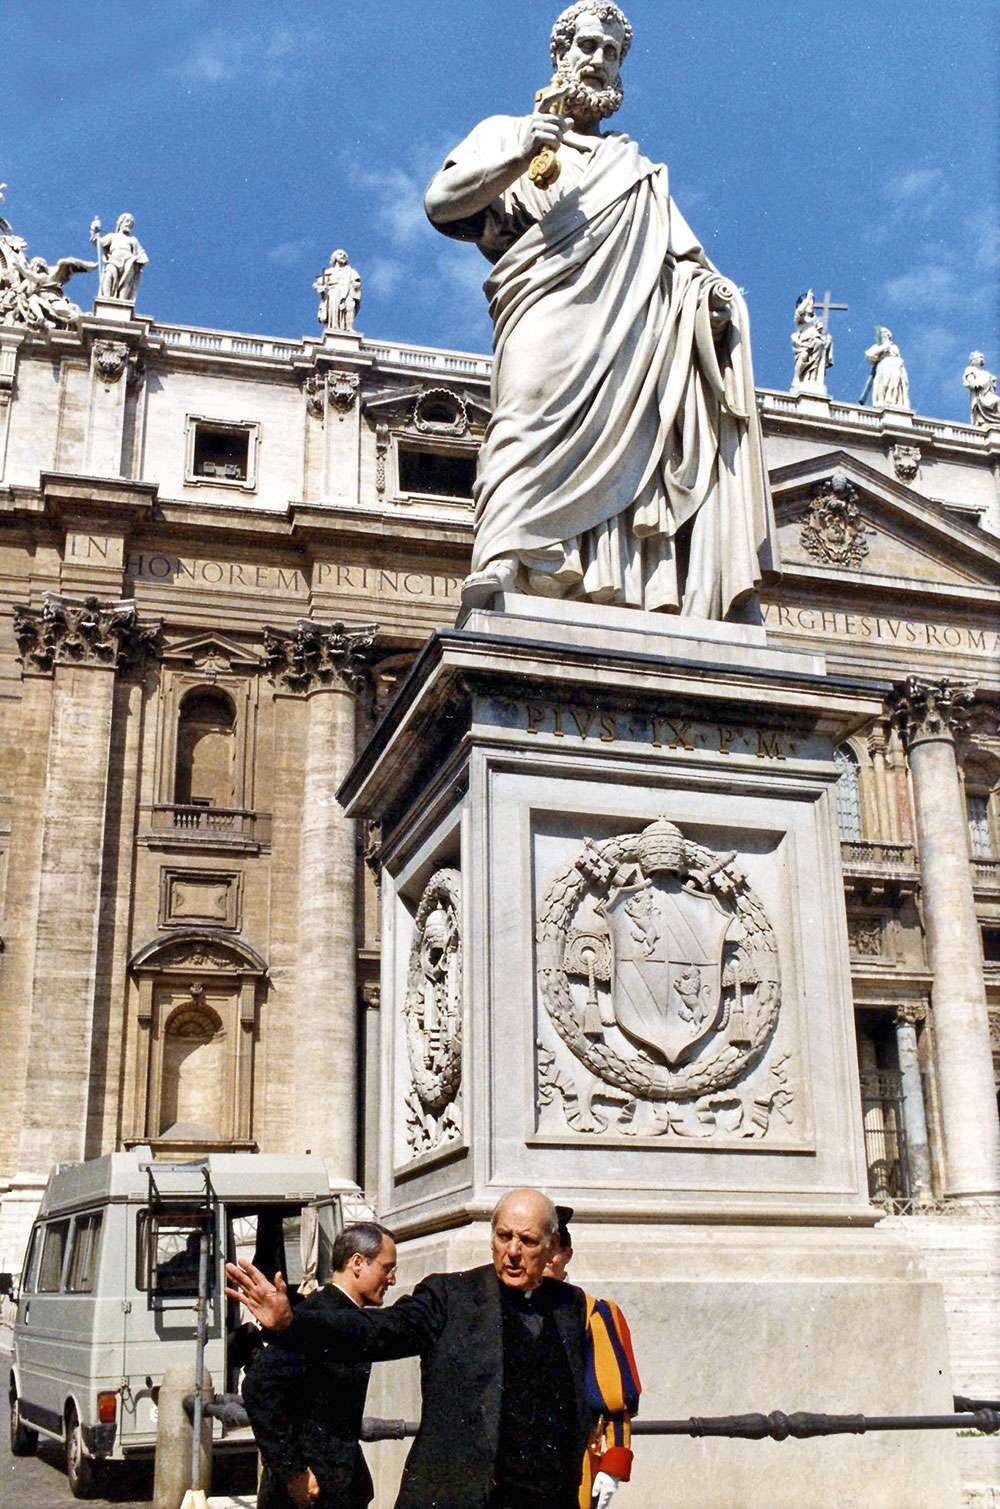 Связь Ватикана с итальянской мафией и тайными обществами. Почему «святые отцы» предпочитают наличность